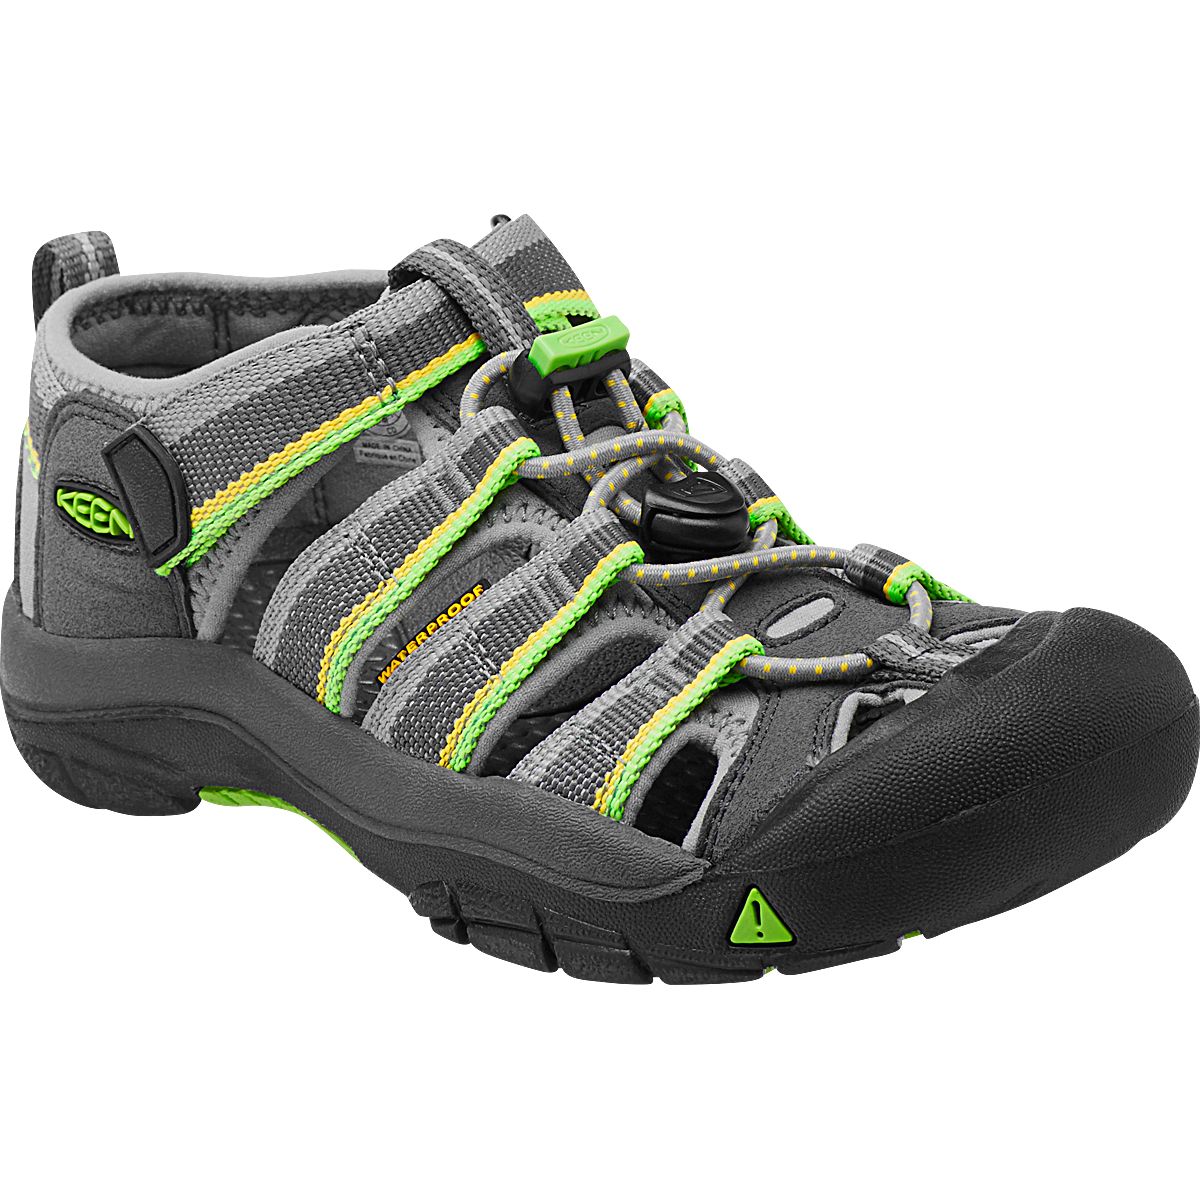 Keen Little Kids' Newport H2 Sandals - Black, 10